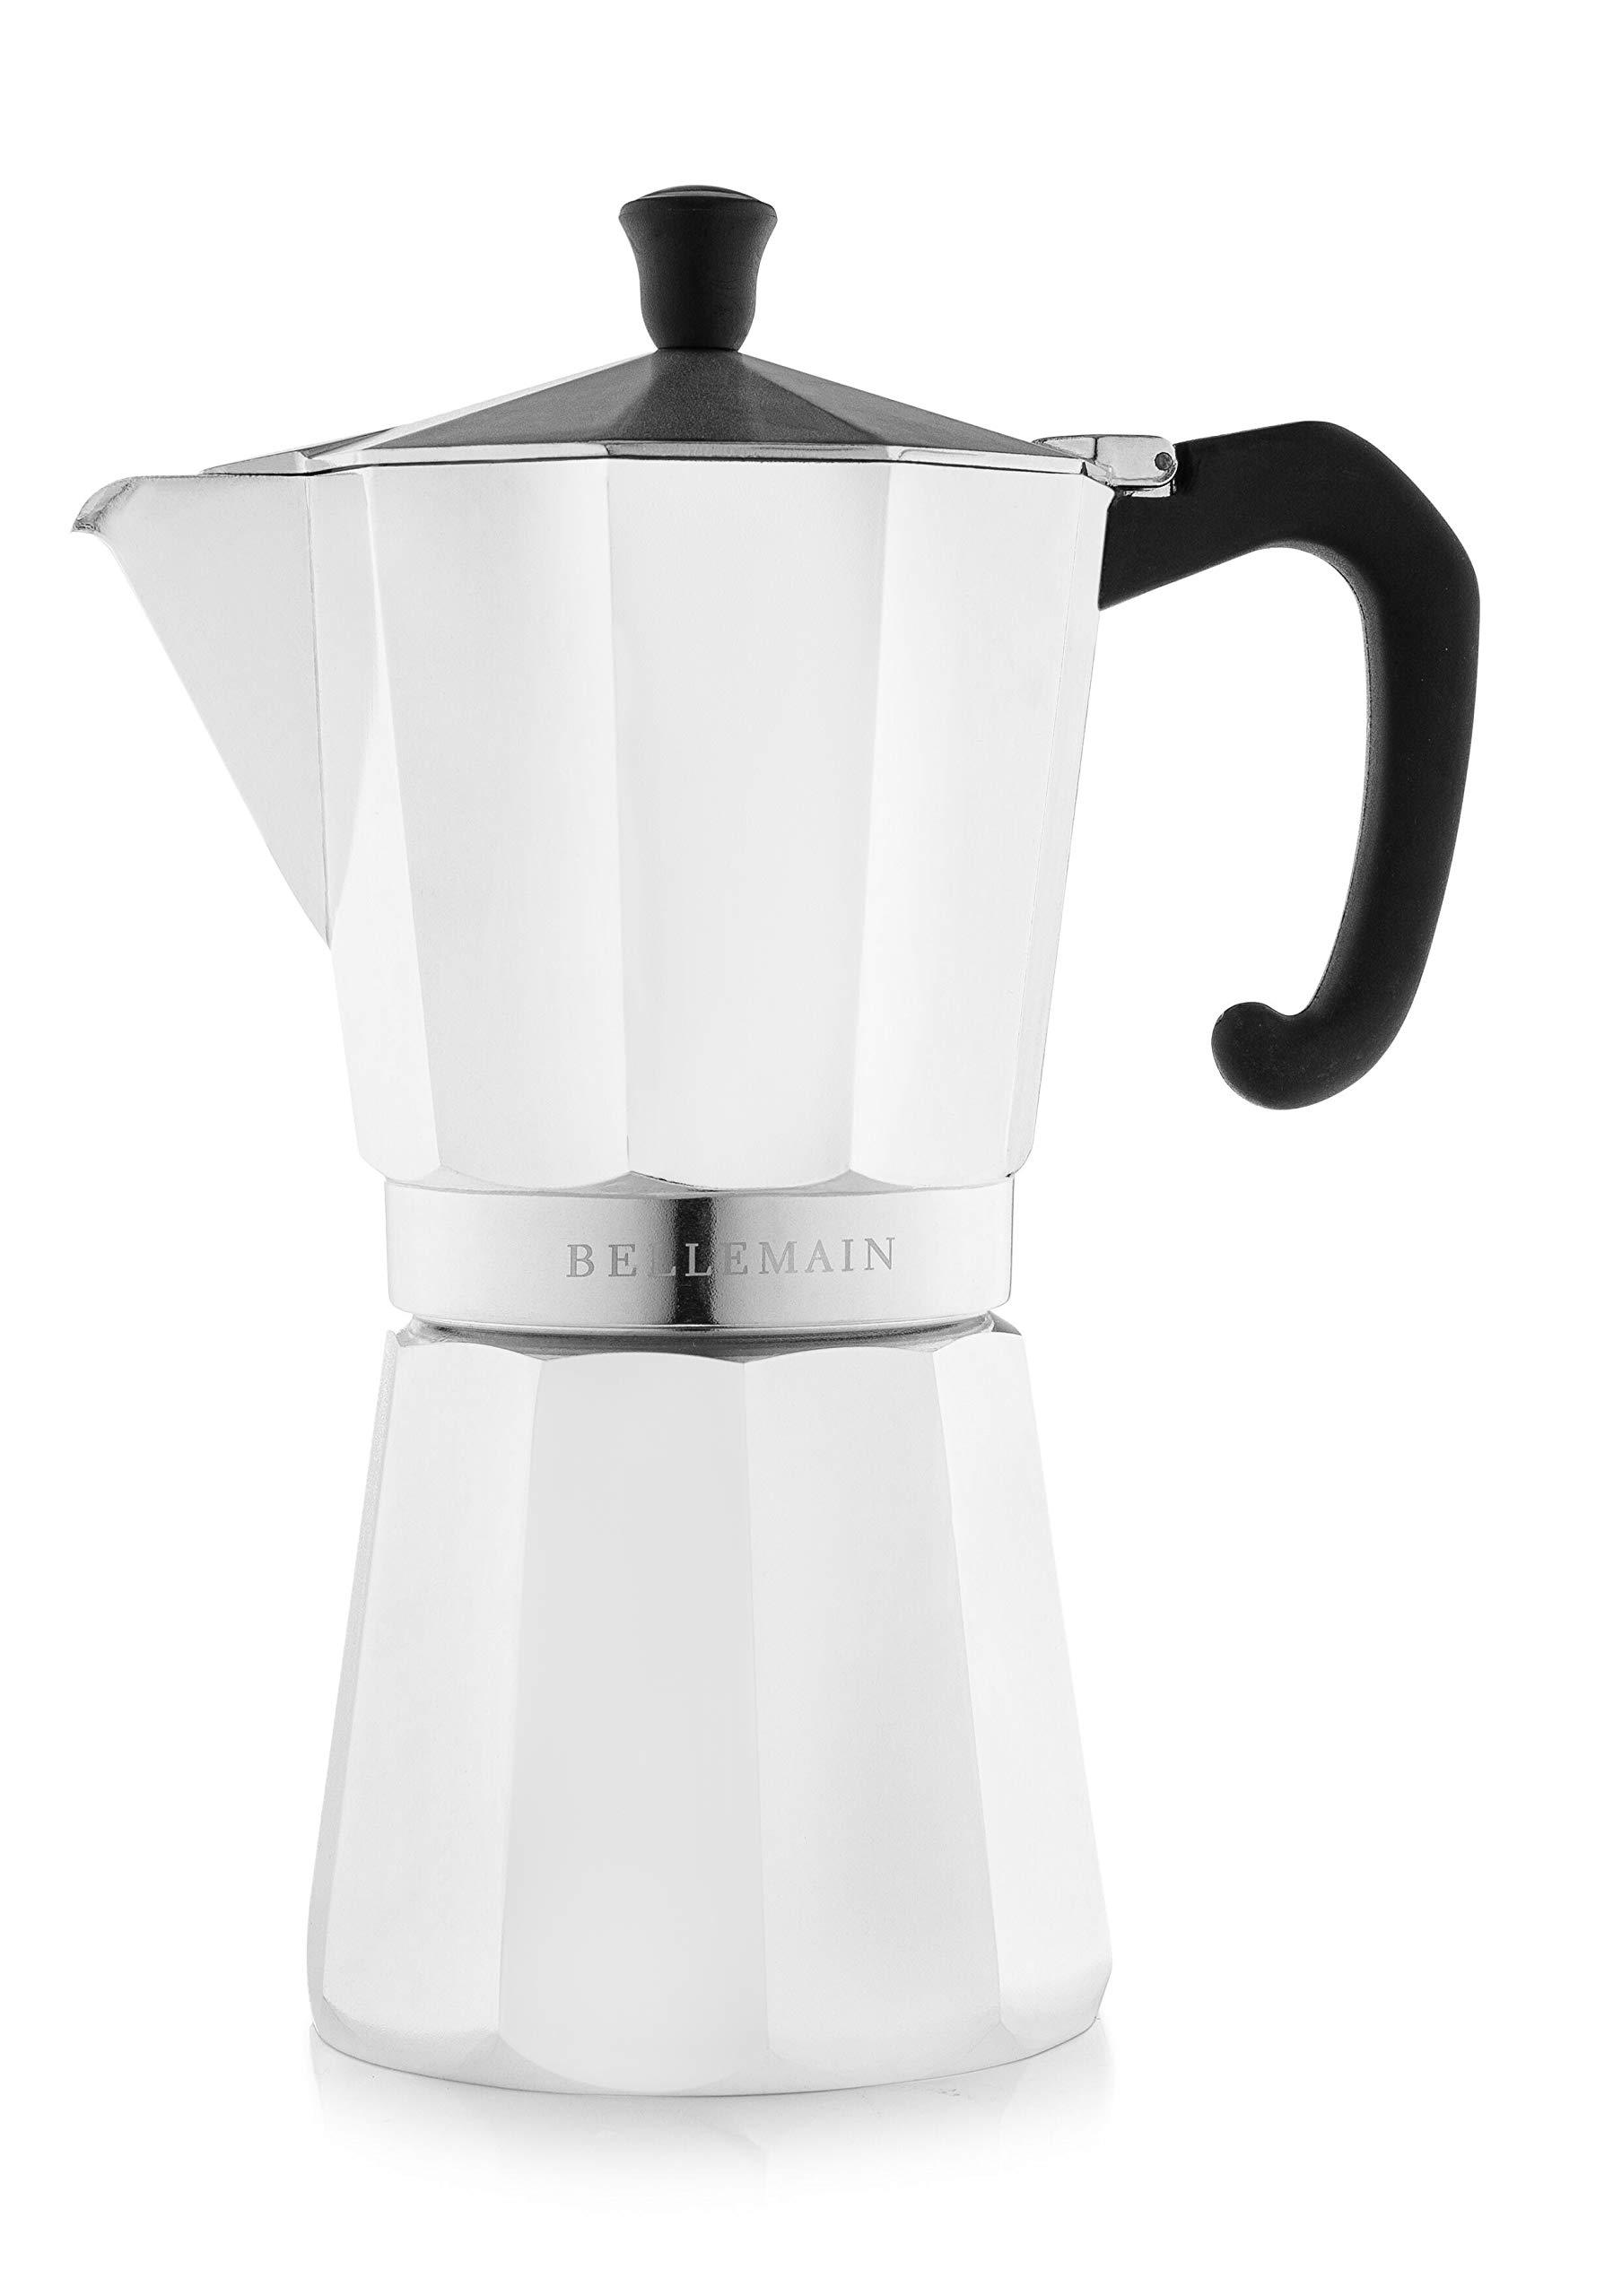 Bellemain Stovetop Espresso Maker Moka Pot Black, 6 Cup